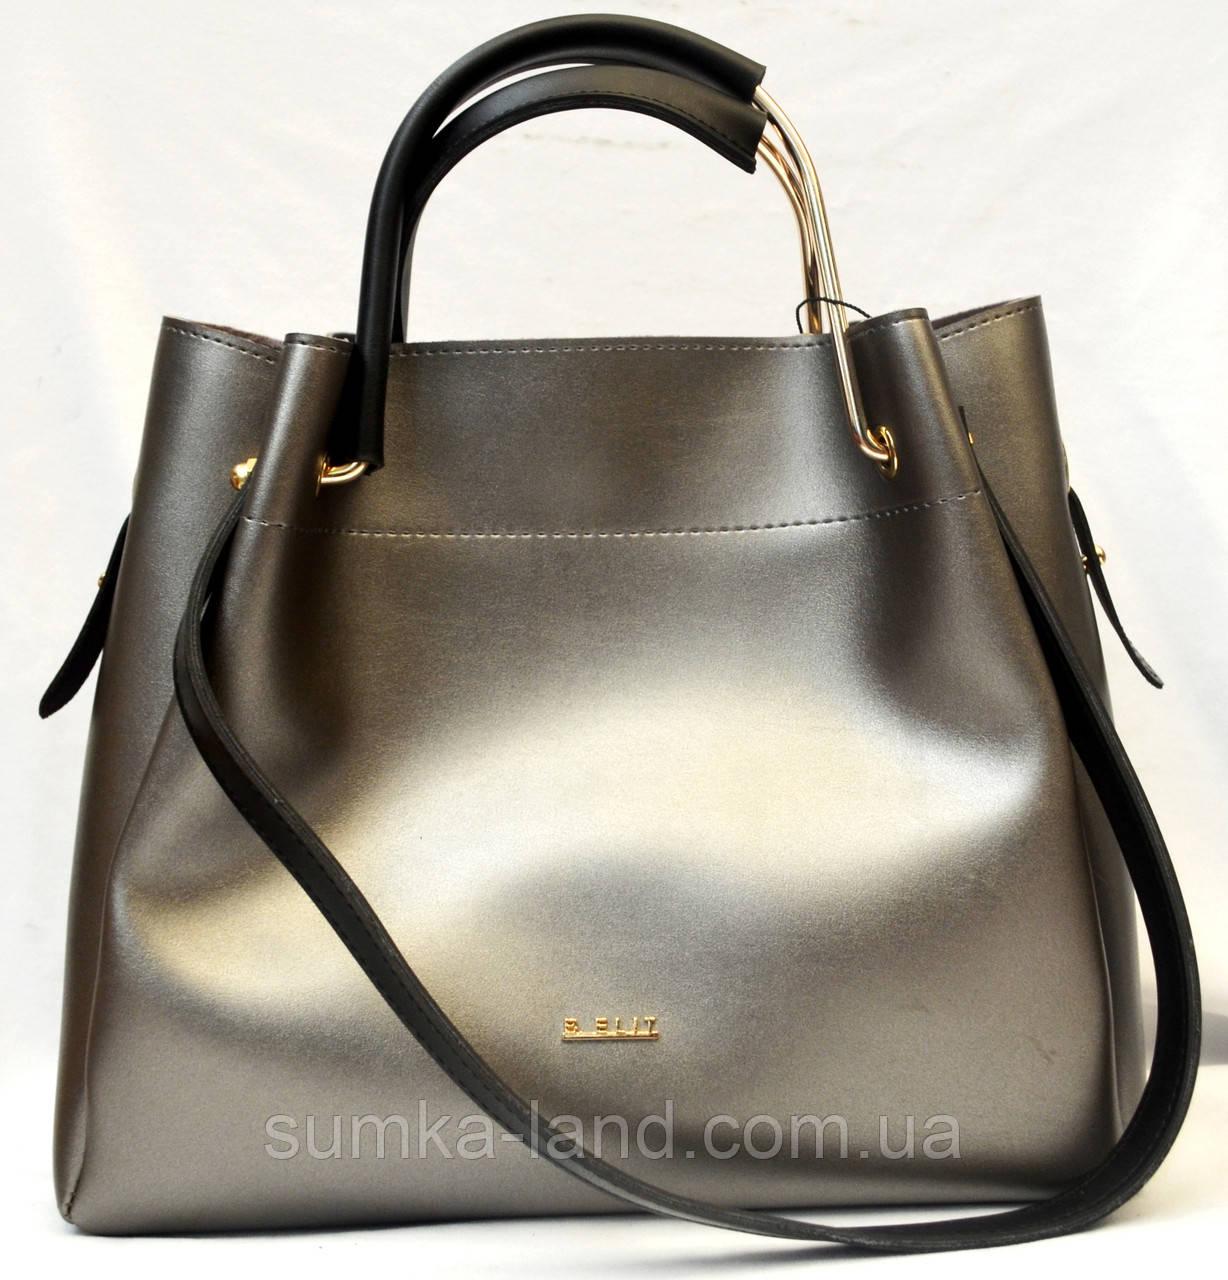 9fb9be5a4f6b Женская элитная сумка B Elit с ремешком (серебро с черной ручкой) - SUMKA-